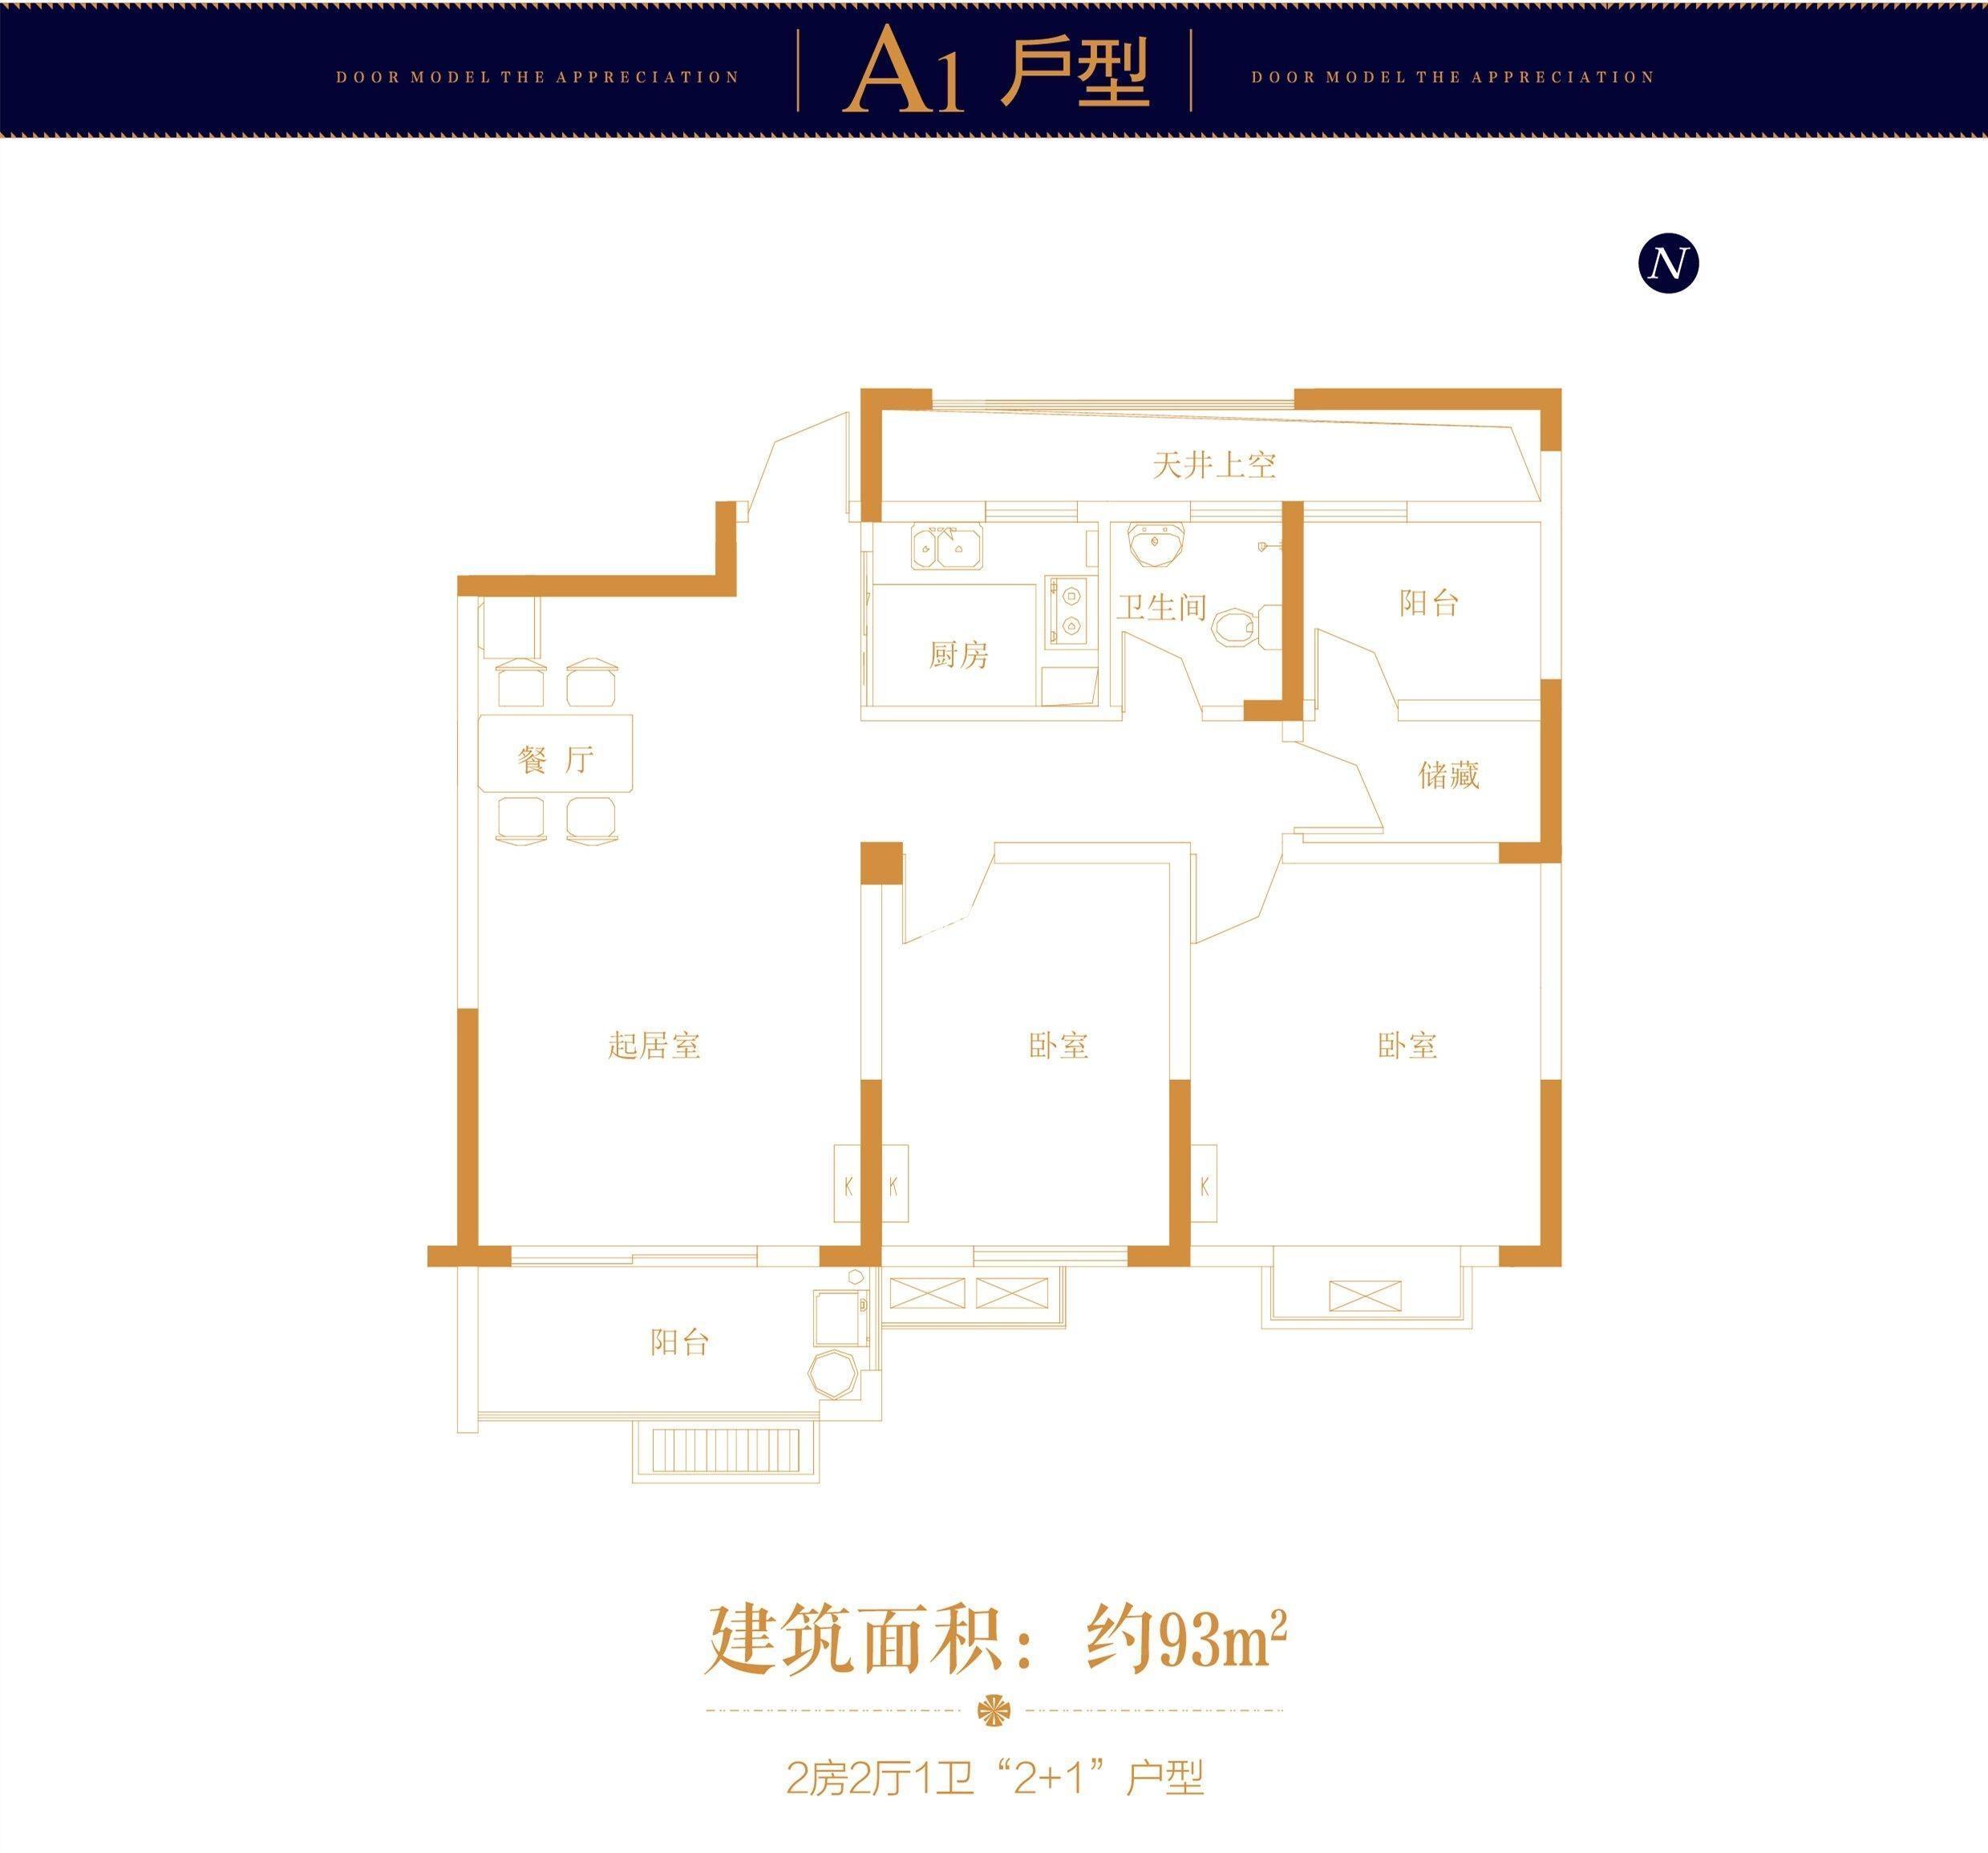 奥青城A12#93平米A1户型图